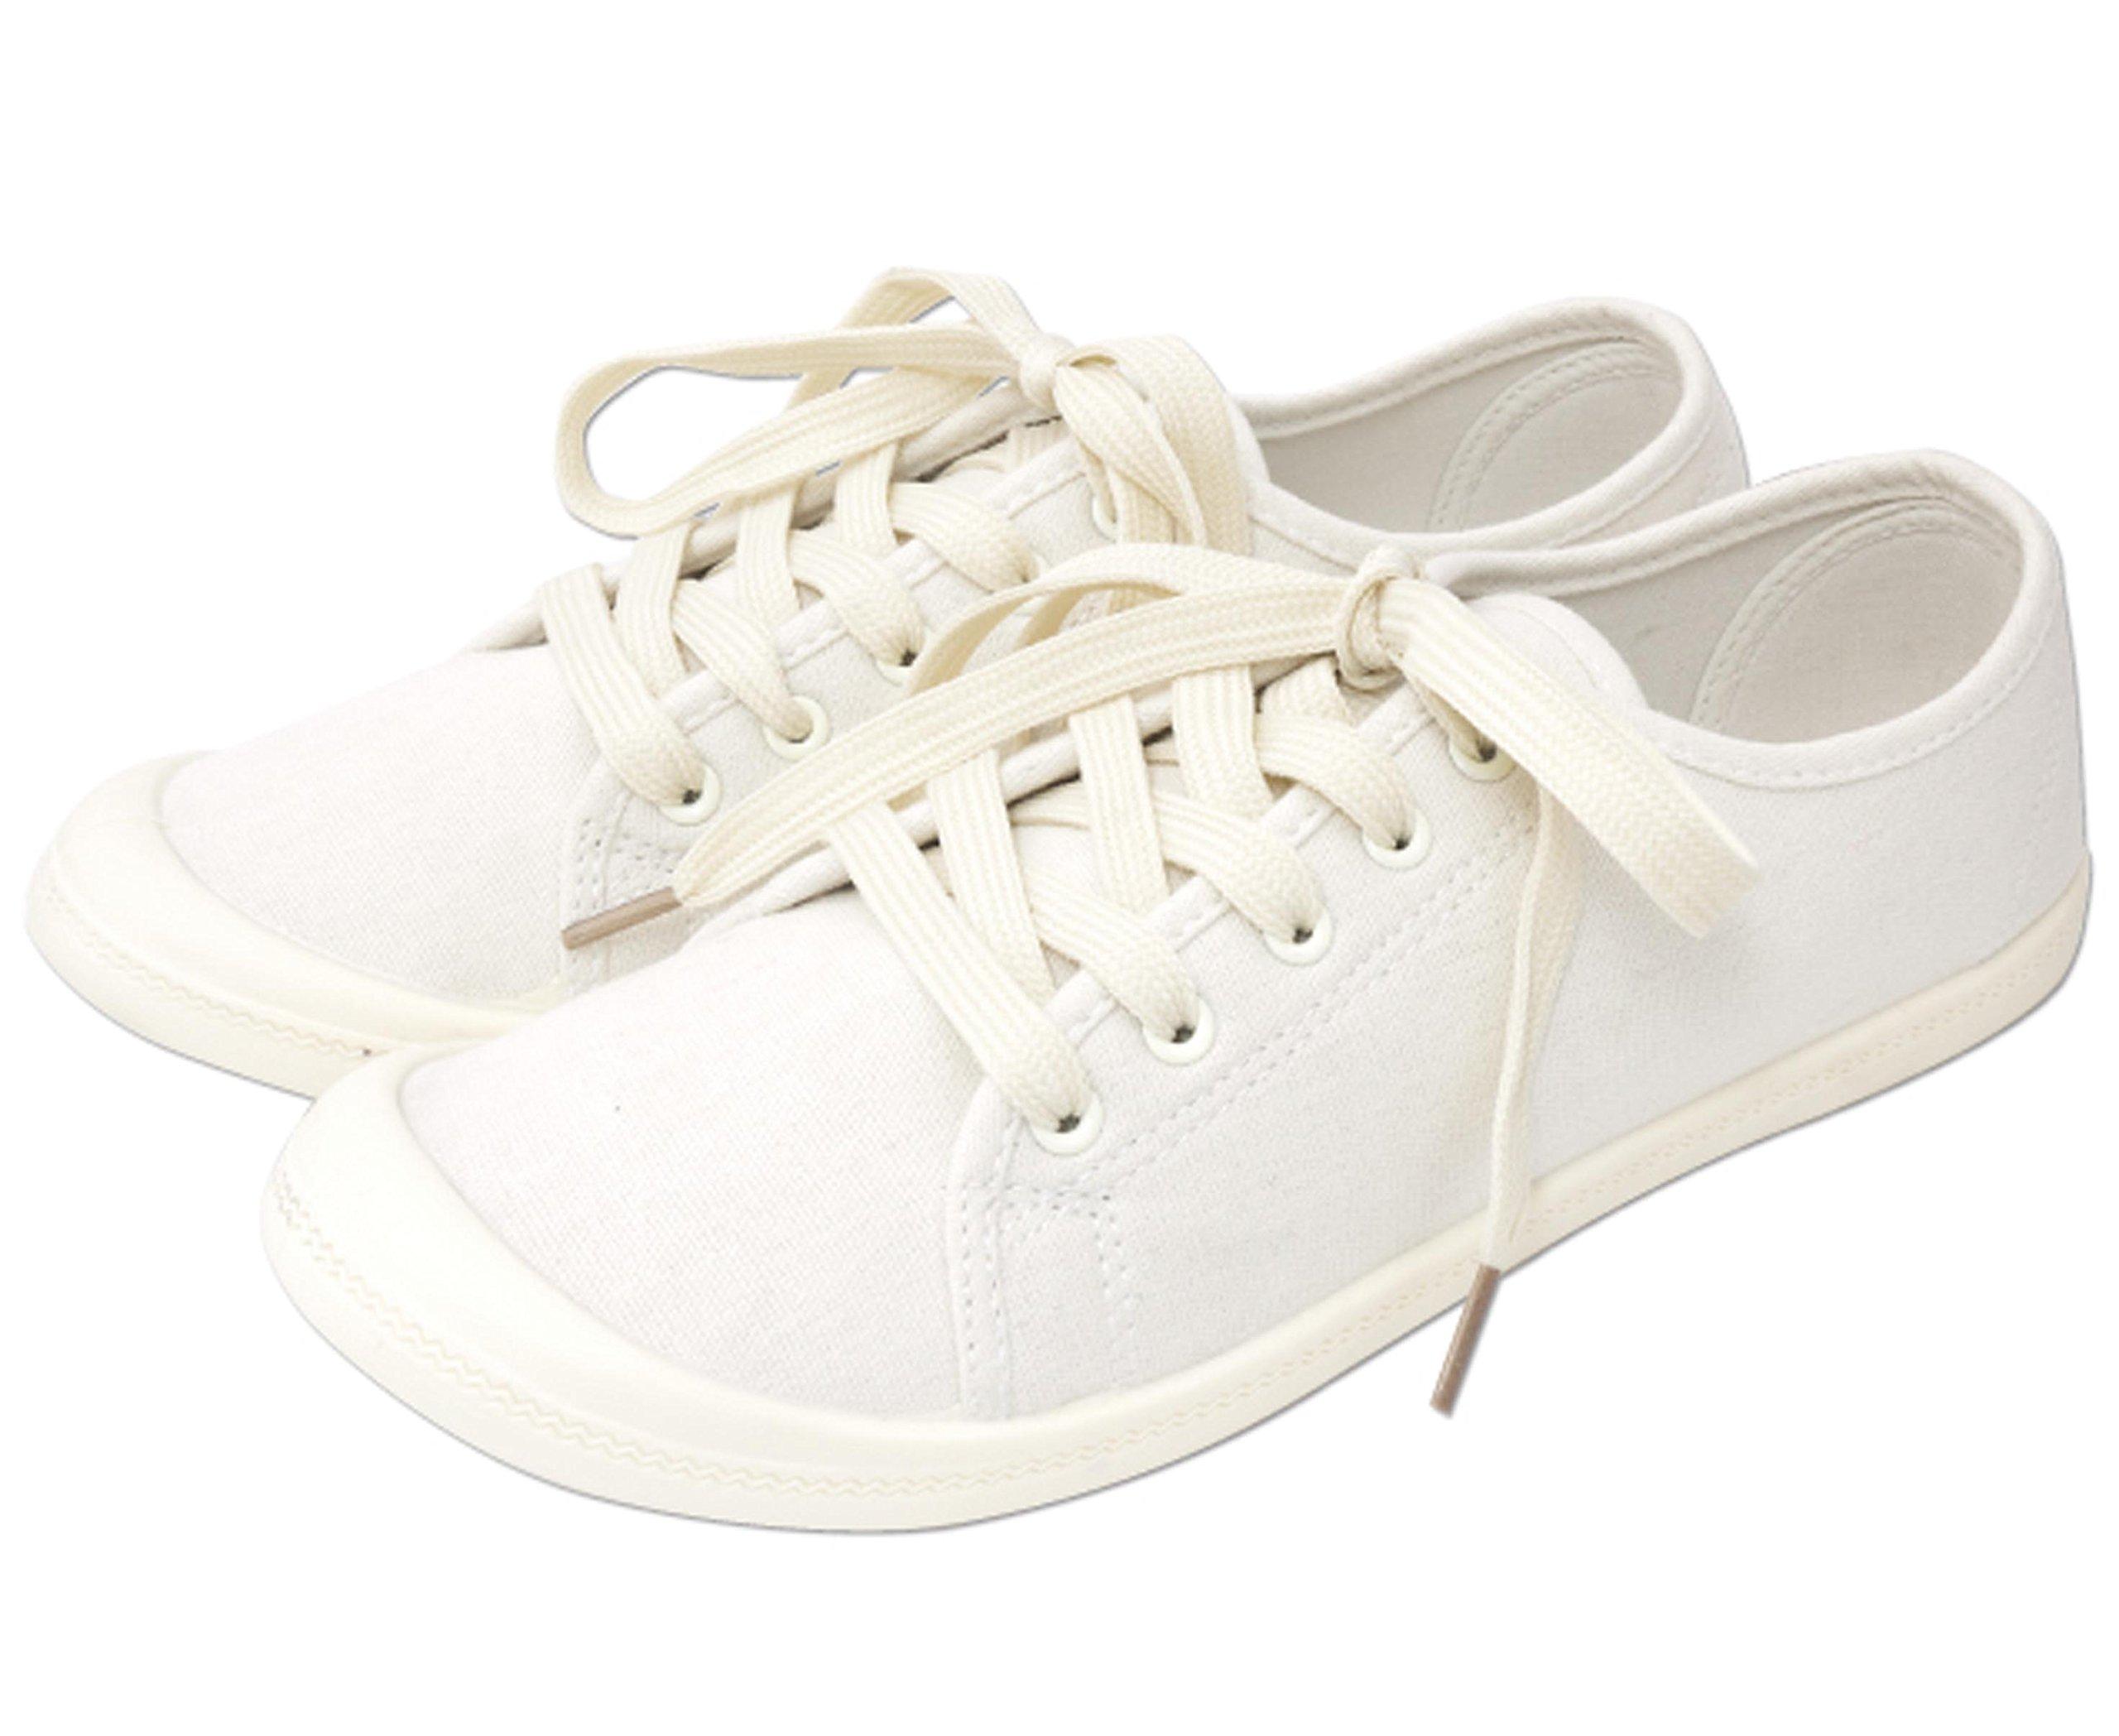 ZIP CORPORATION 女式轻便运动鞋 可爱 低帮 帆布 象牙色 M 23~24cm 81713